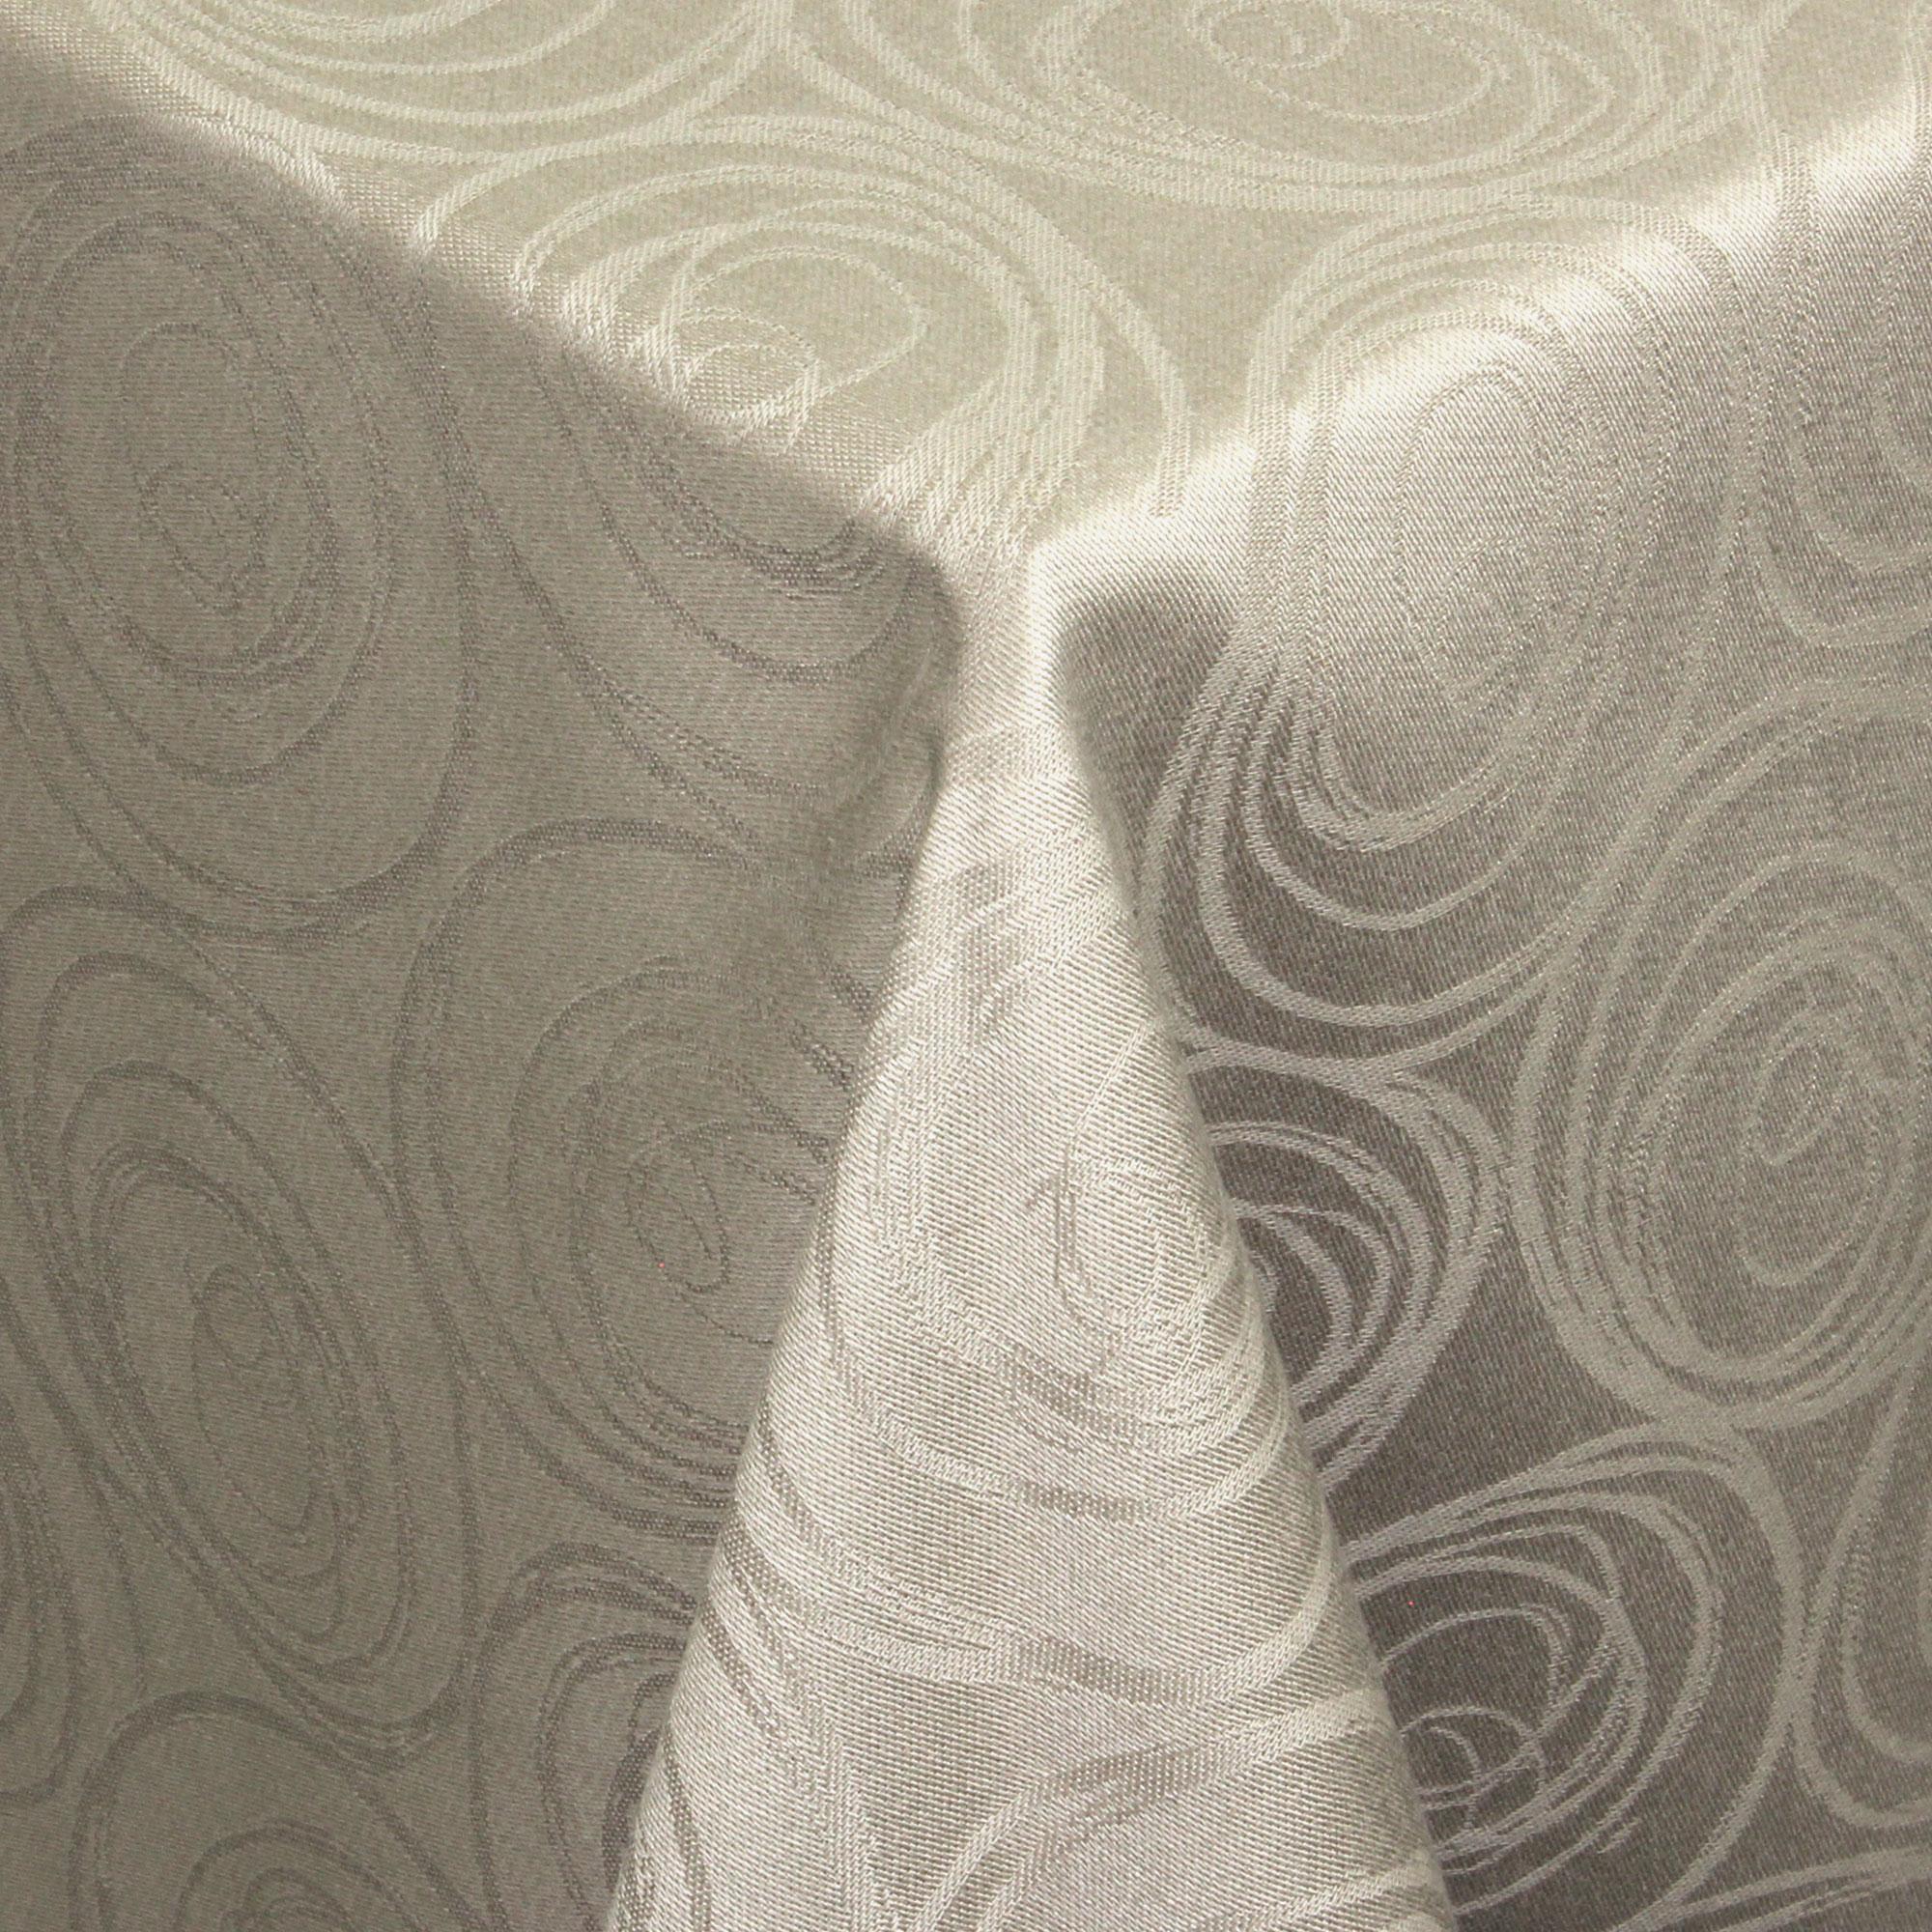 nappe carr e 150x150 cm jacquard 100 coton spirale taupe linnea vente de linge de maison. Black Bedroom Furniture Sets. Home Design Ideas